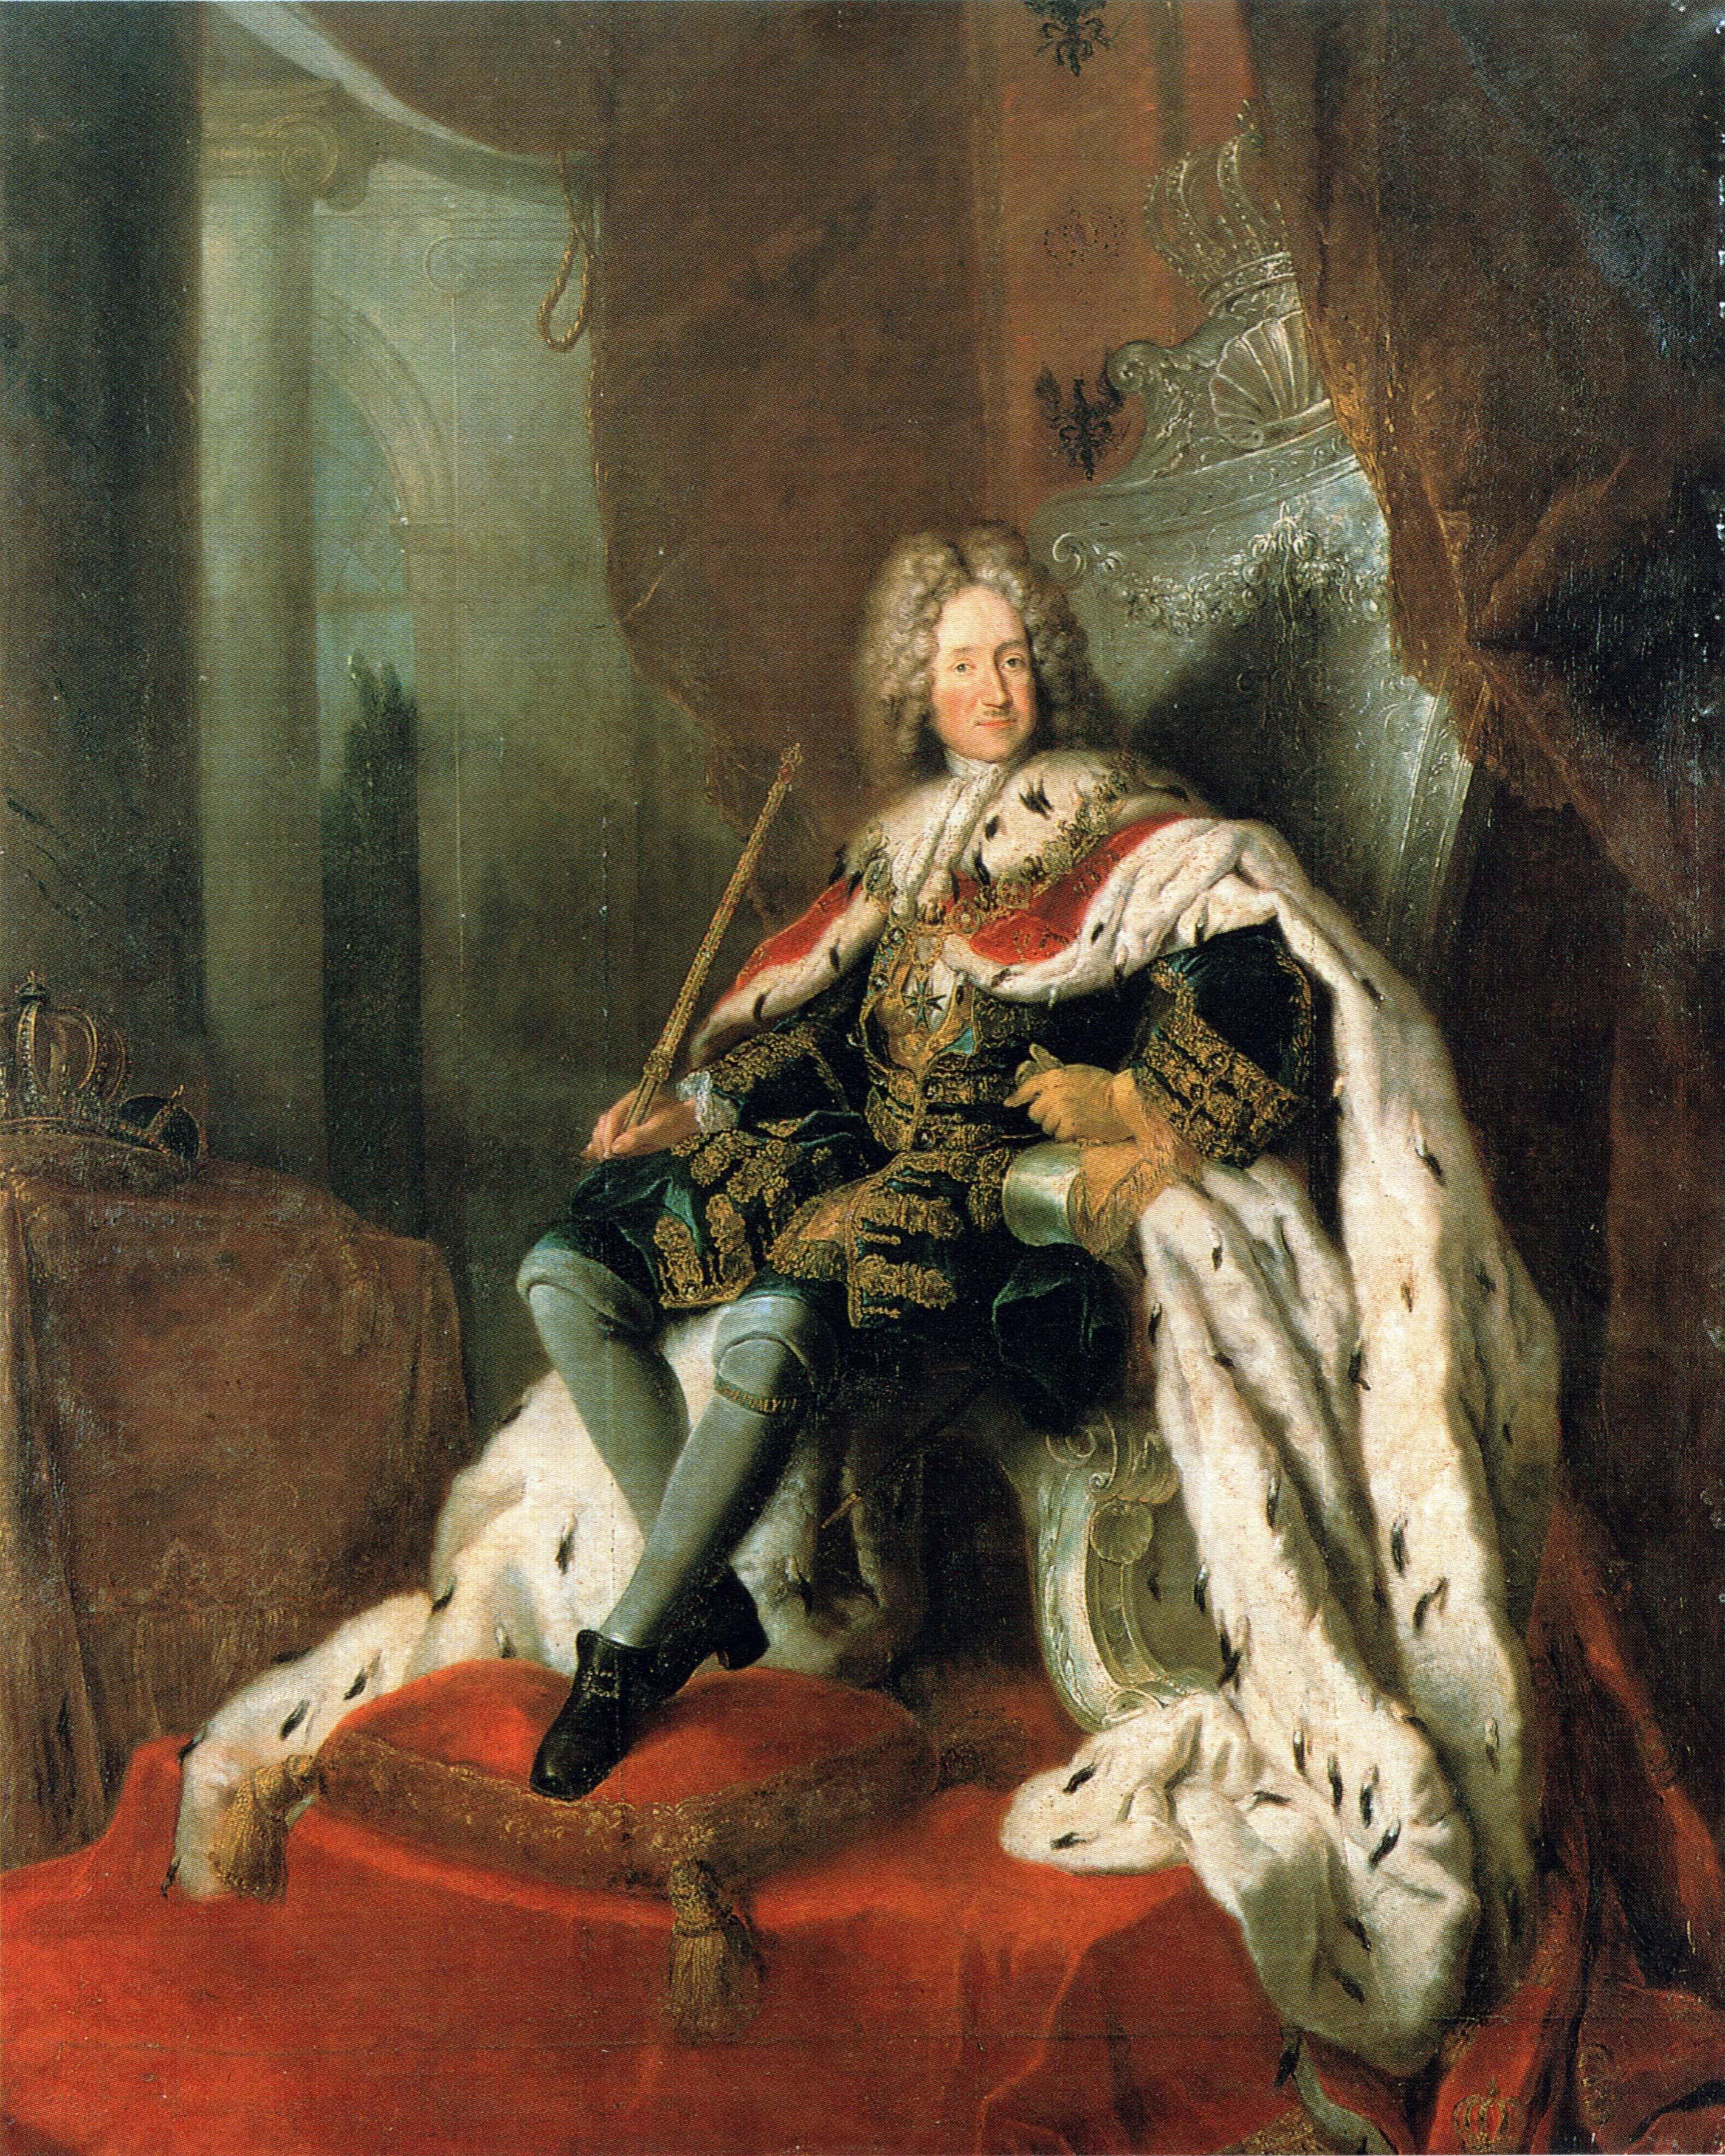 Poklad nedozírné hodnoty nechal v roce 1701 vytvořit první ruský král Fridrich I.